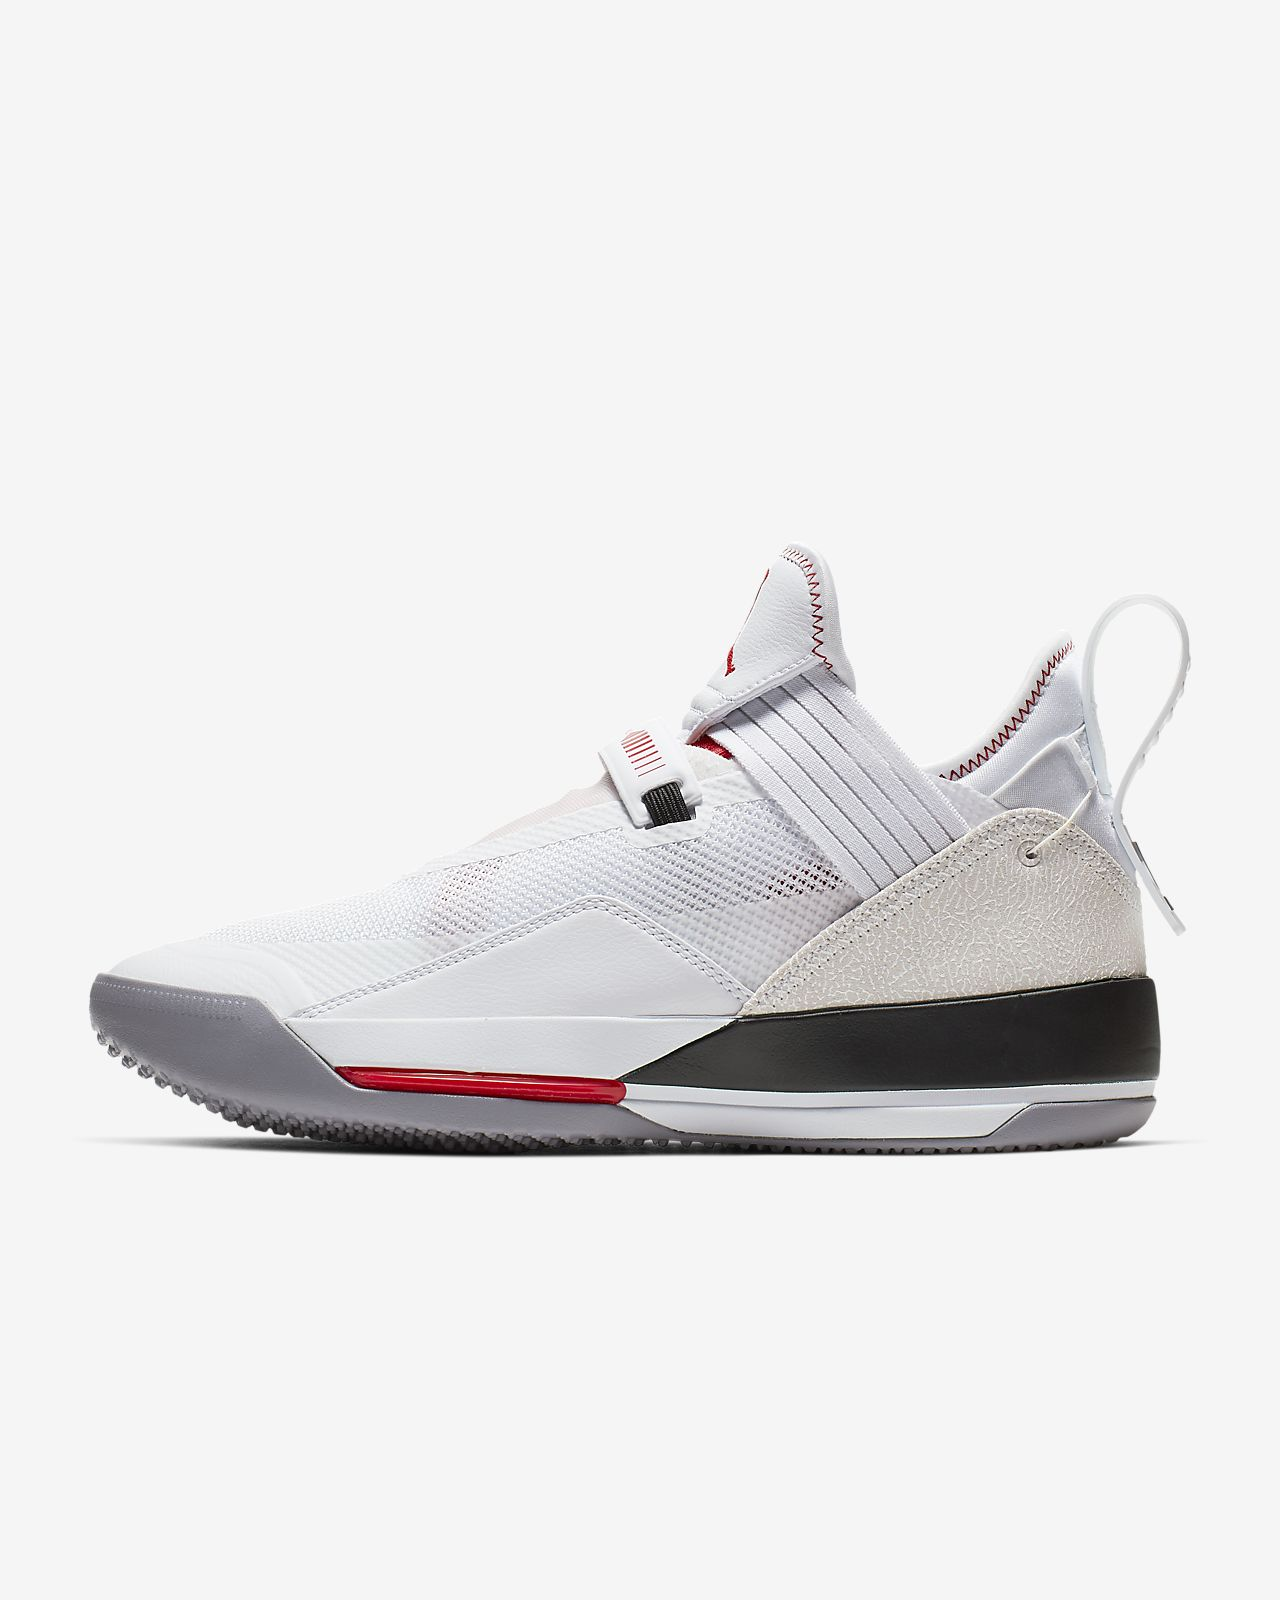 Seca Jordan Qdbewcxoer De Chaussure Air Xxxiii Basketball zSUMVqp